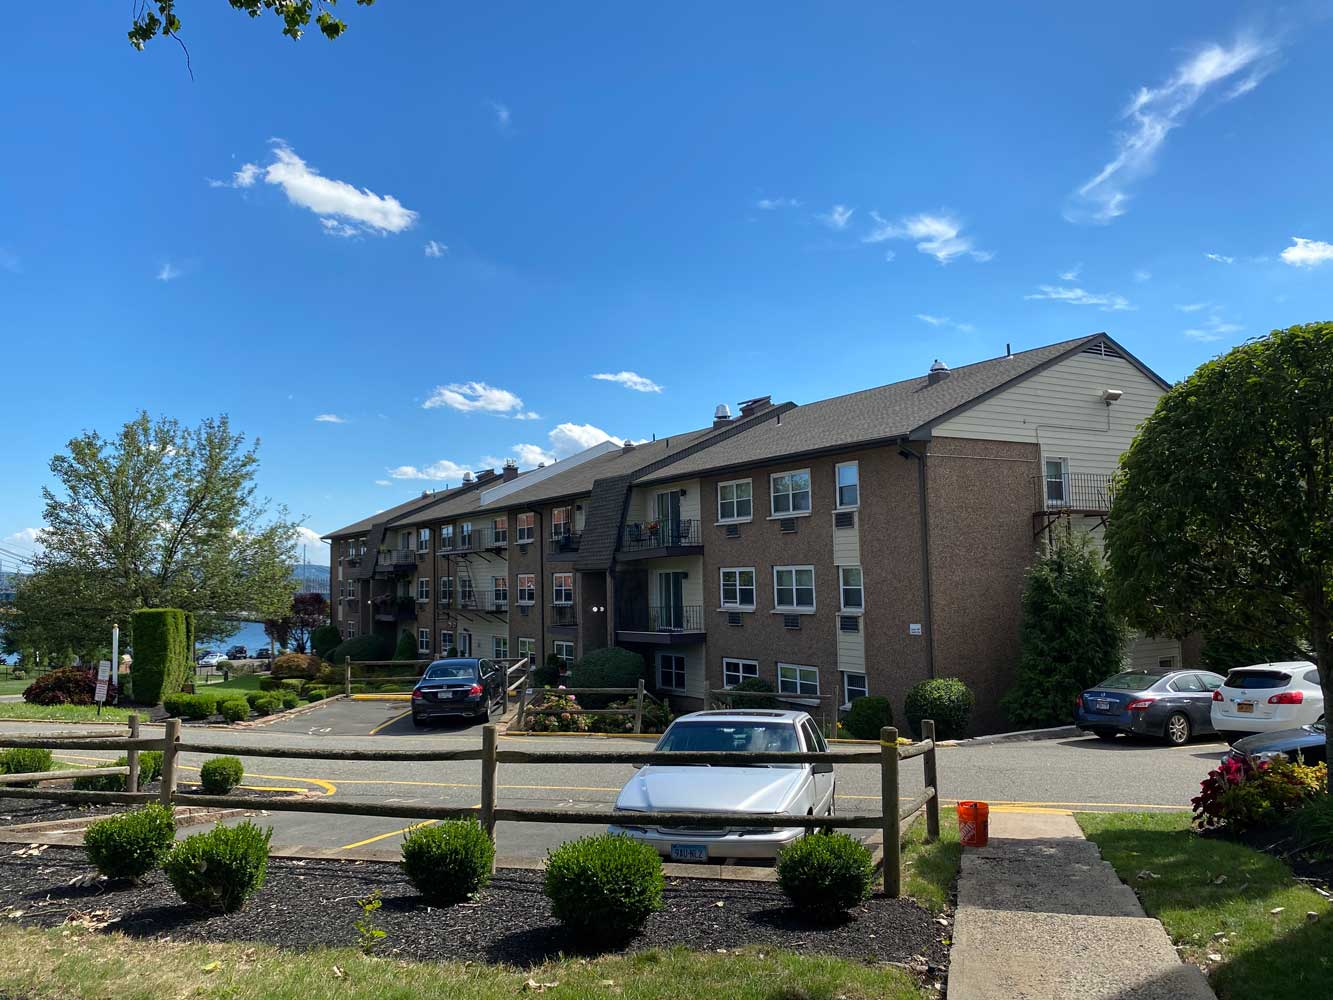 Property View at River Edge at Nyack Apartments in Nyack, NY